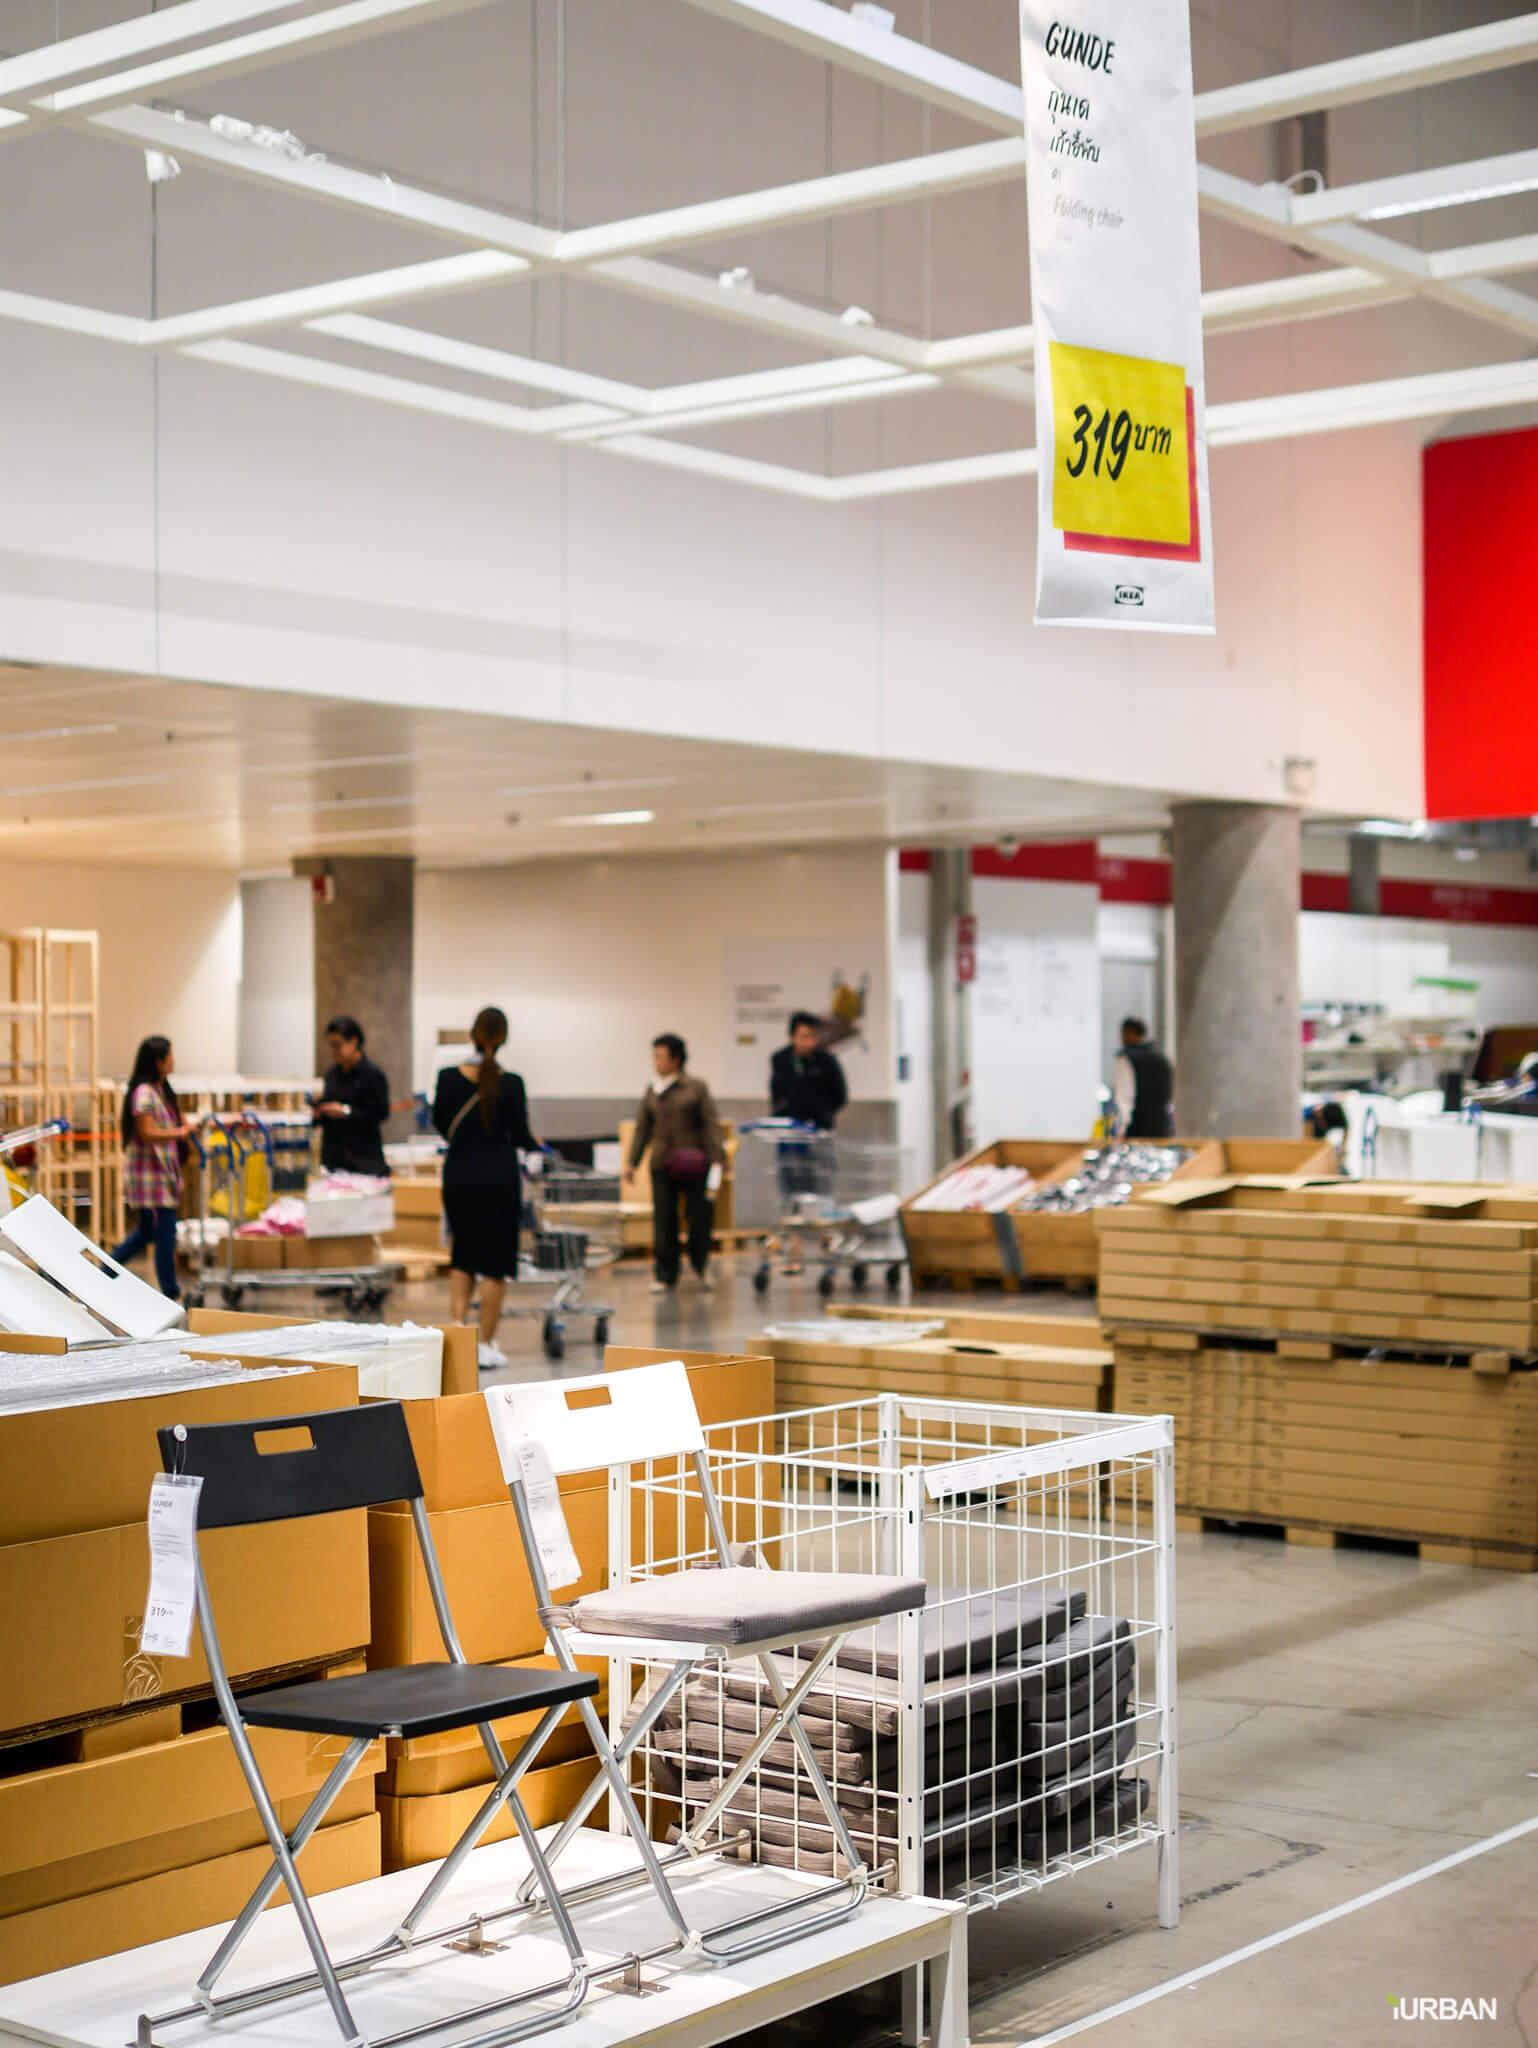 มันเยอะมากกกก!! IKEA Year End SALE 2017 รวมของเซลในอิเกีย ลดเยอะ ลดแหลก รีบพุ่งตัวไป วันนี้ - 7 มกราคม 61 204 - IKEA (อิเกีย)